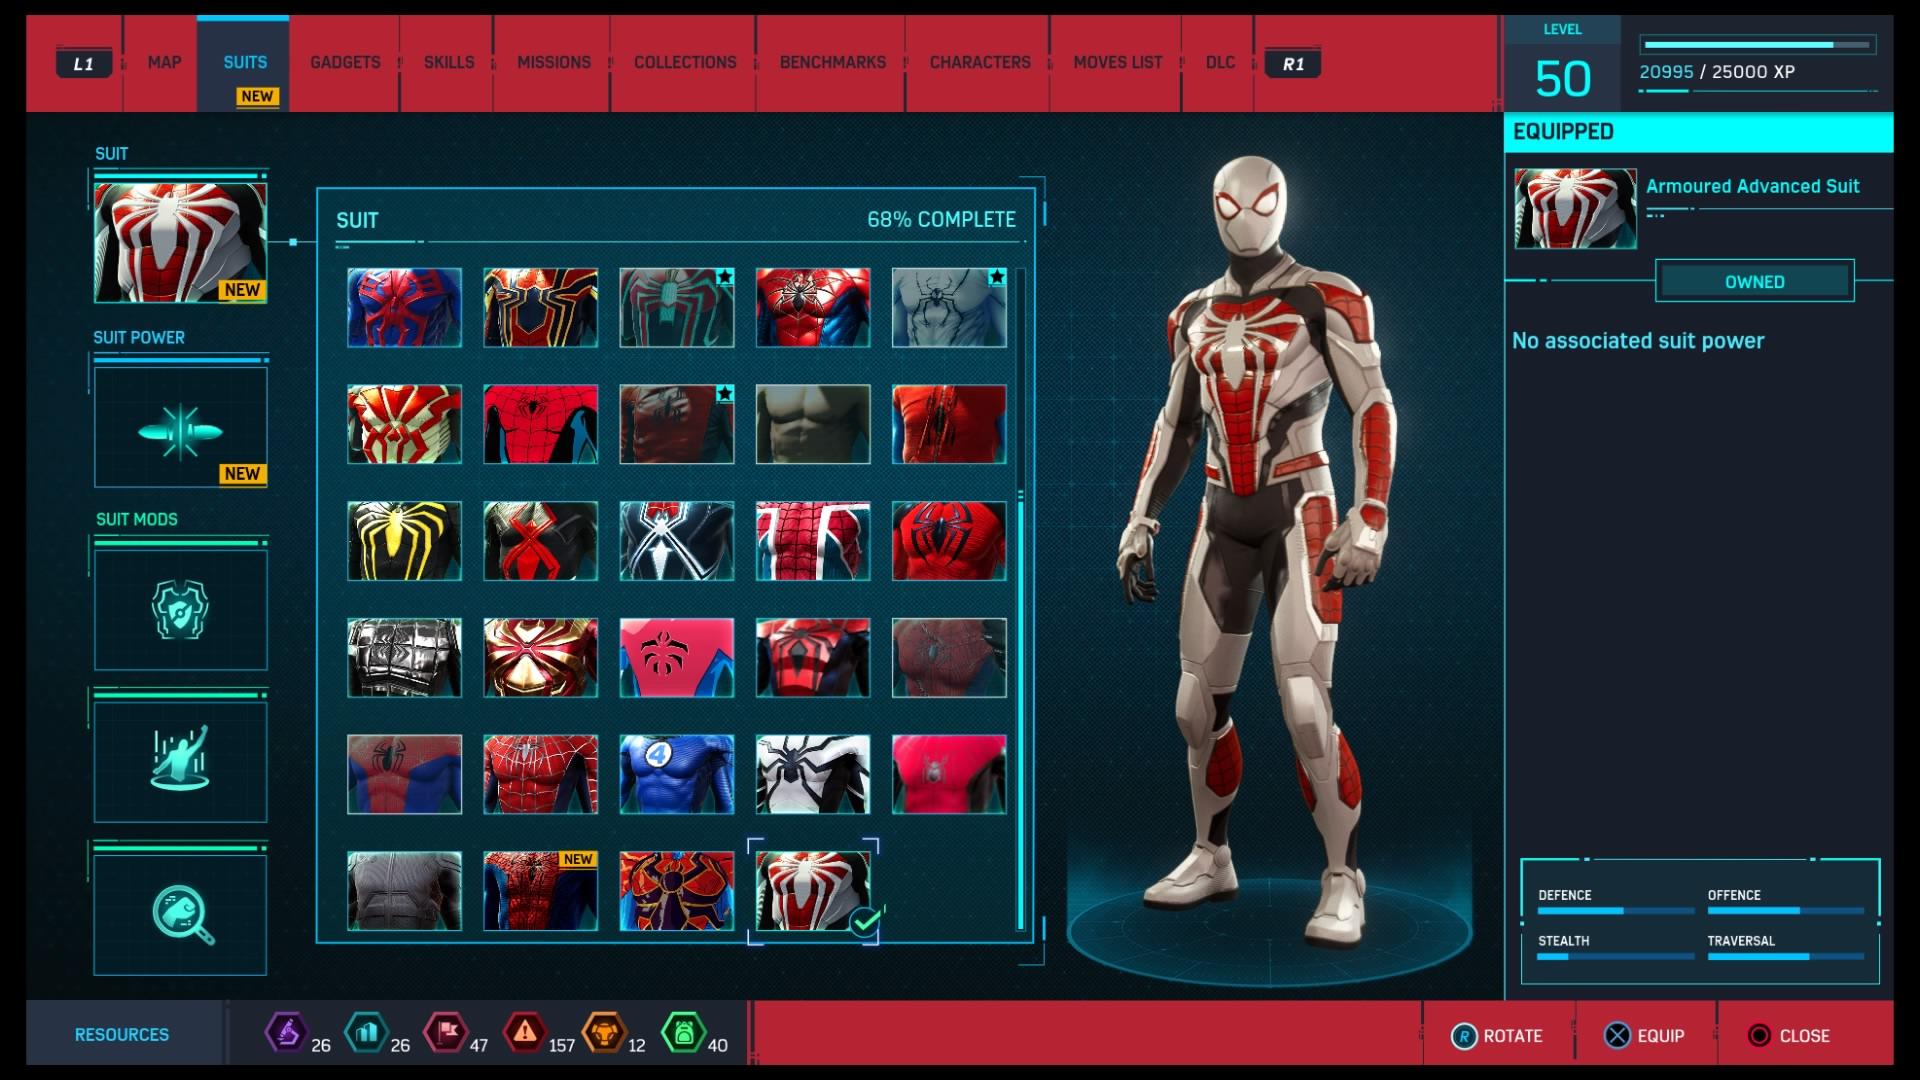 《漫威蜘蛛侠》设计师展示彼得·帕克战衣设计图